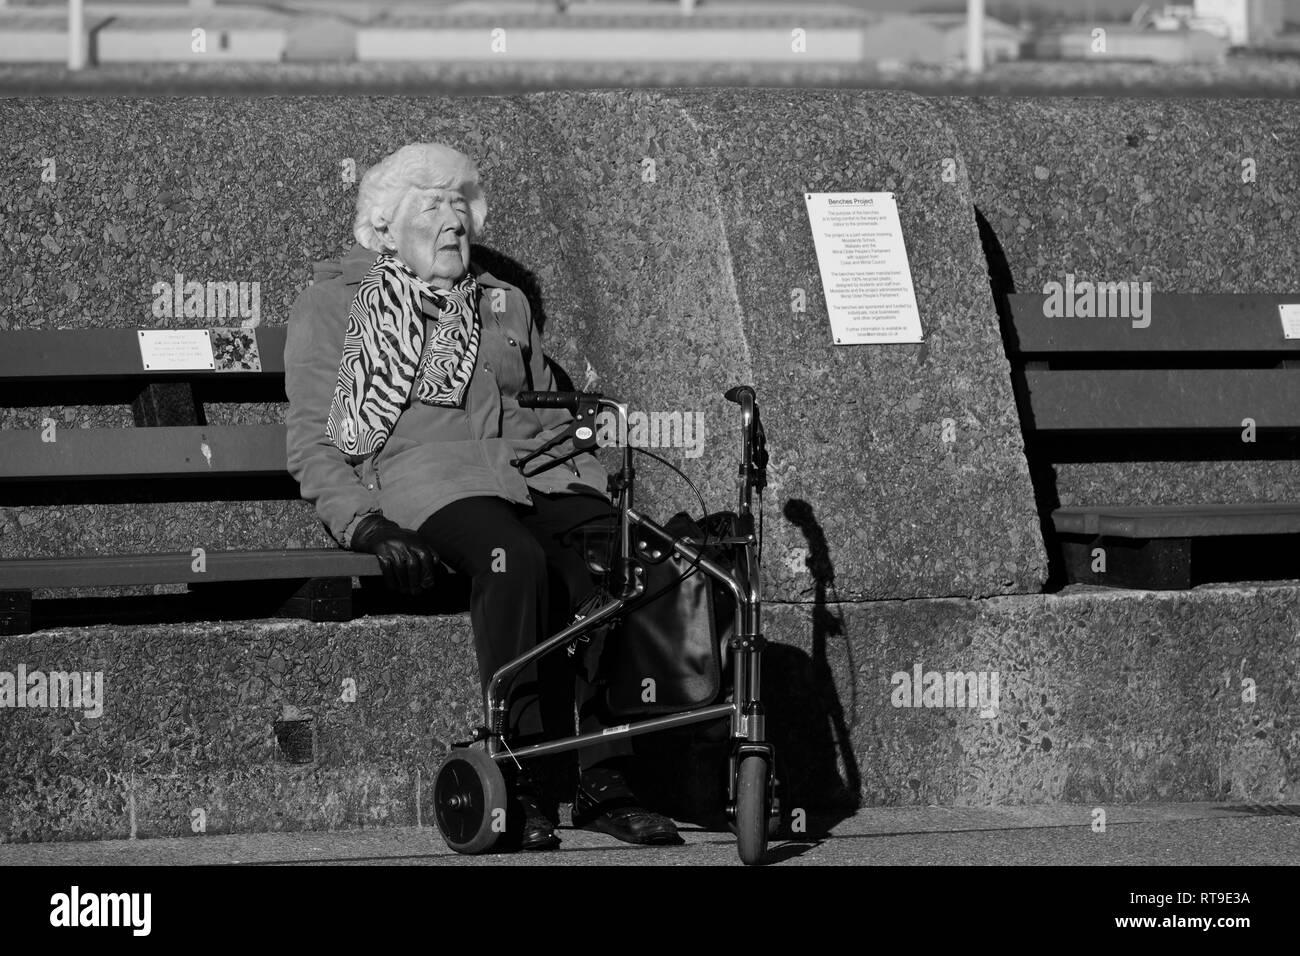 Image Monochrome d'une femme âgée avec une aide à la mobilité comme elle s'assoit sur un banc pour profiter du soleil au début du printemps Photo Stock